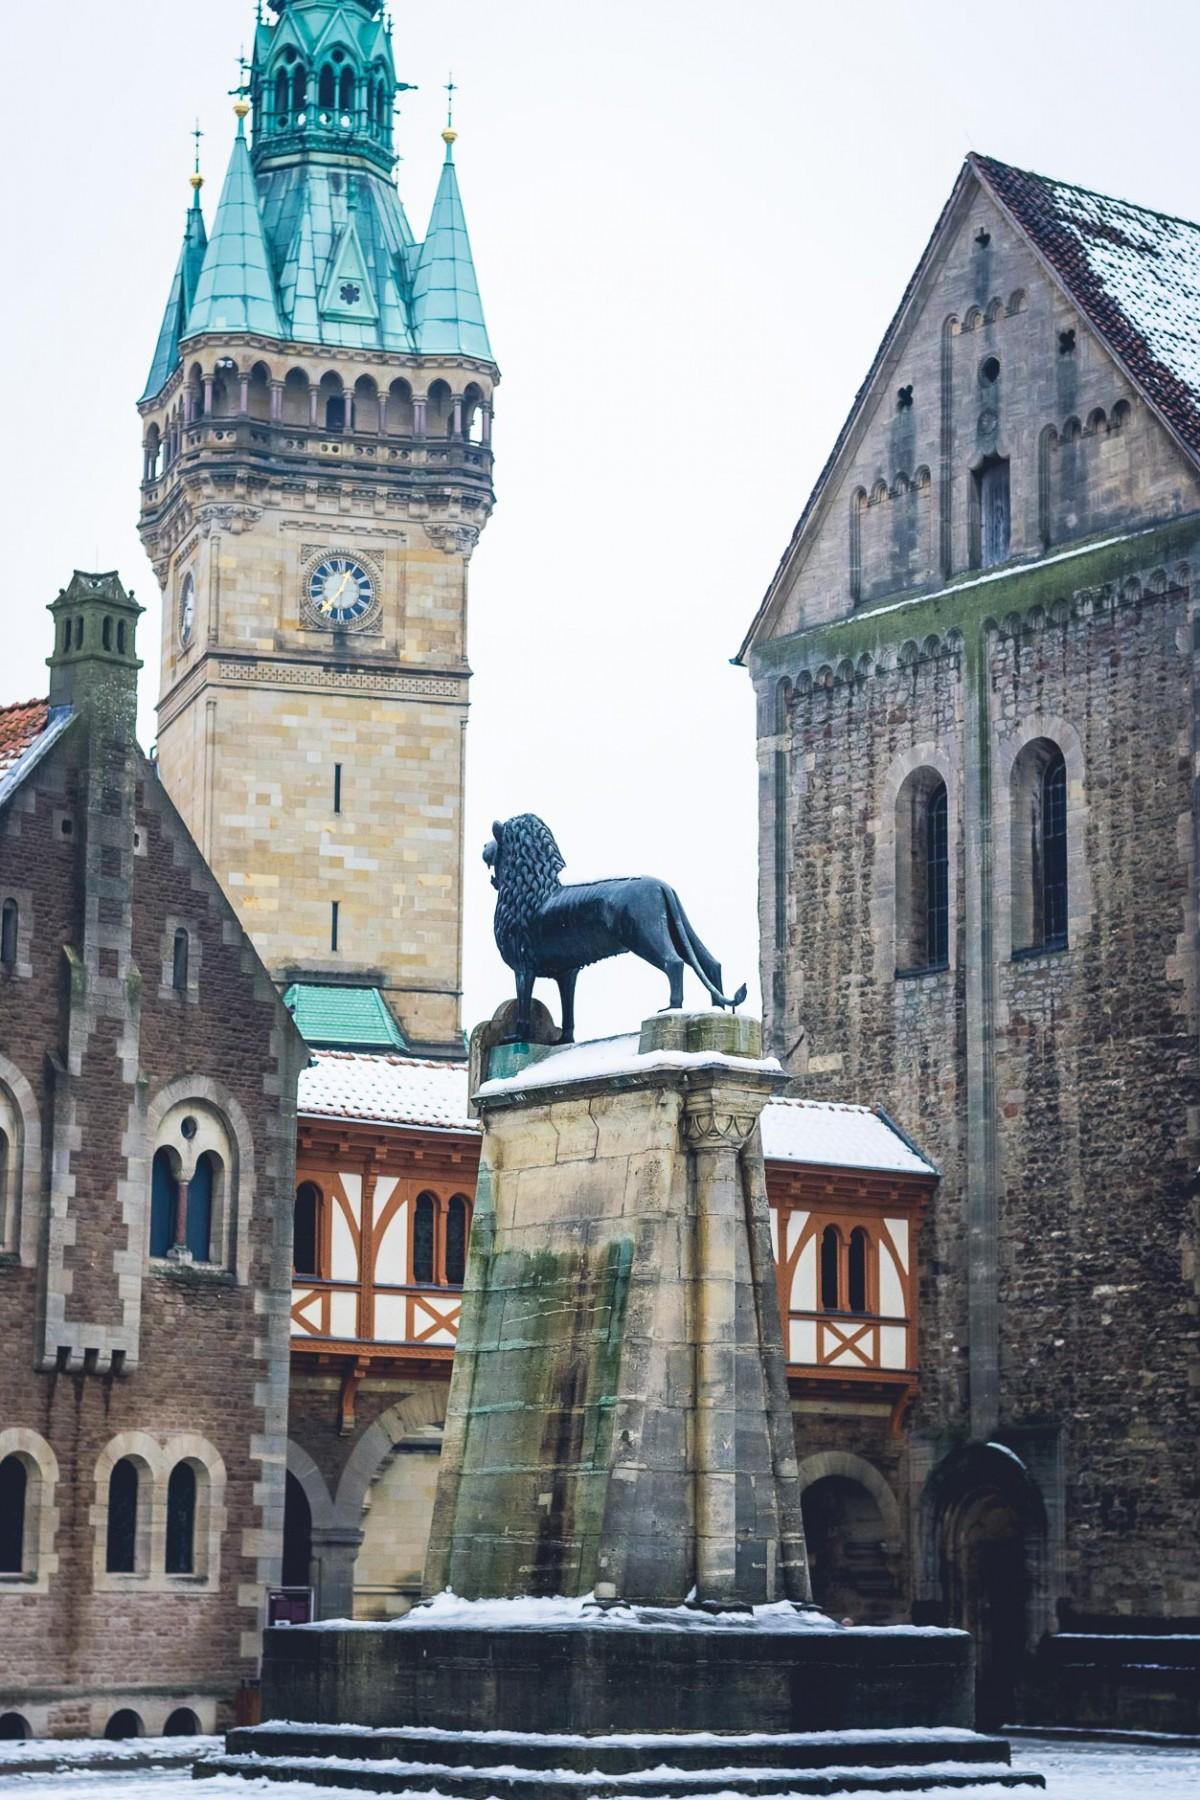 Braunschweig, Lower Saxony, Germany